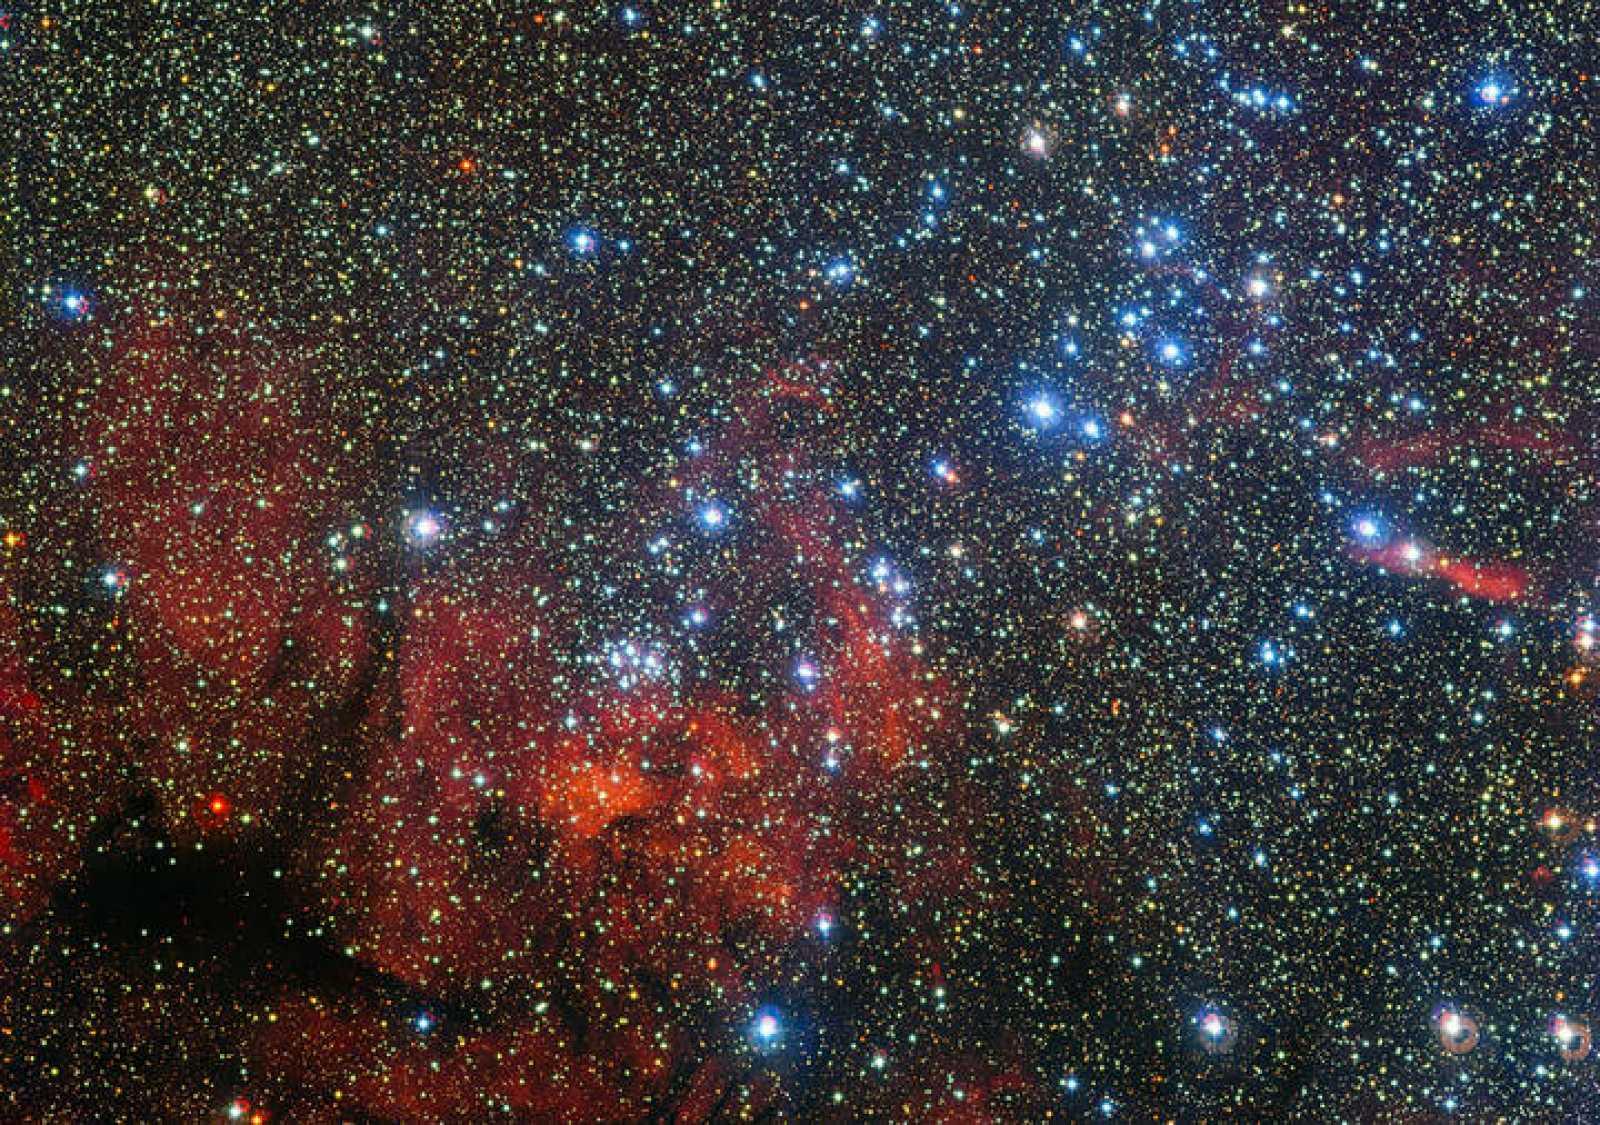 El colorido cúmulo estelar NGC 3590.